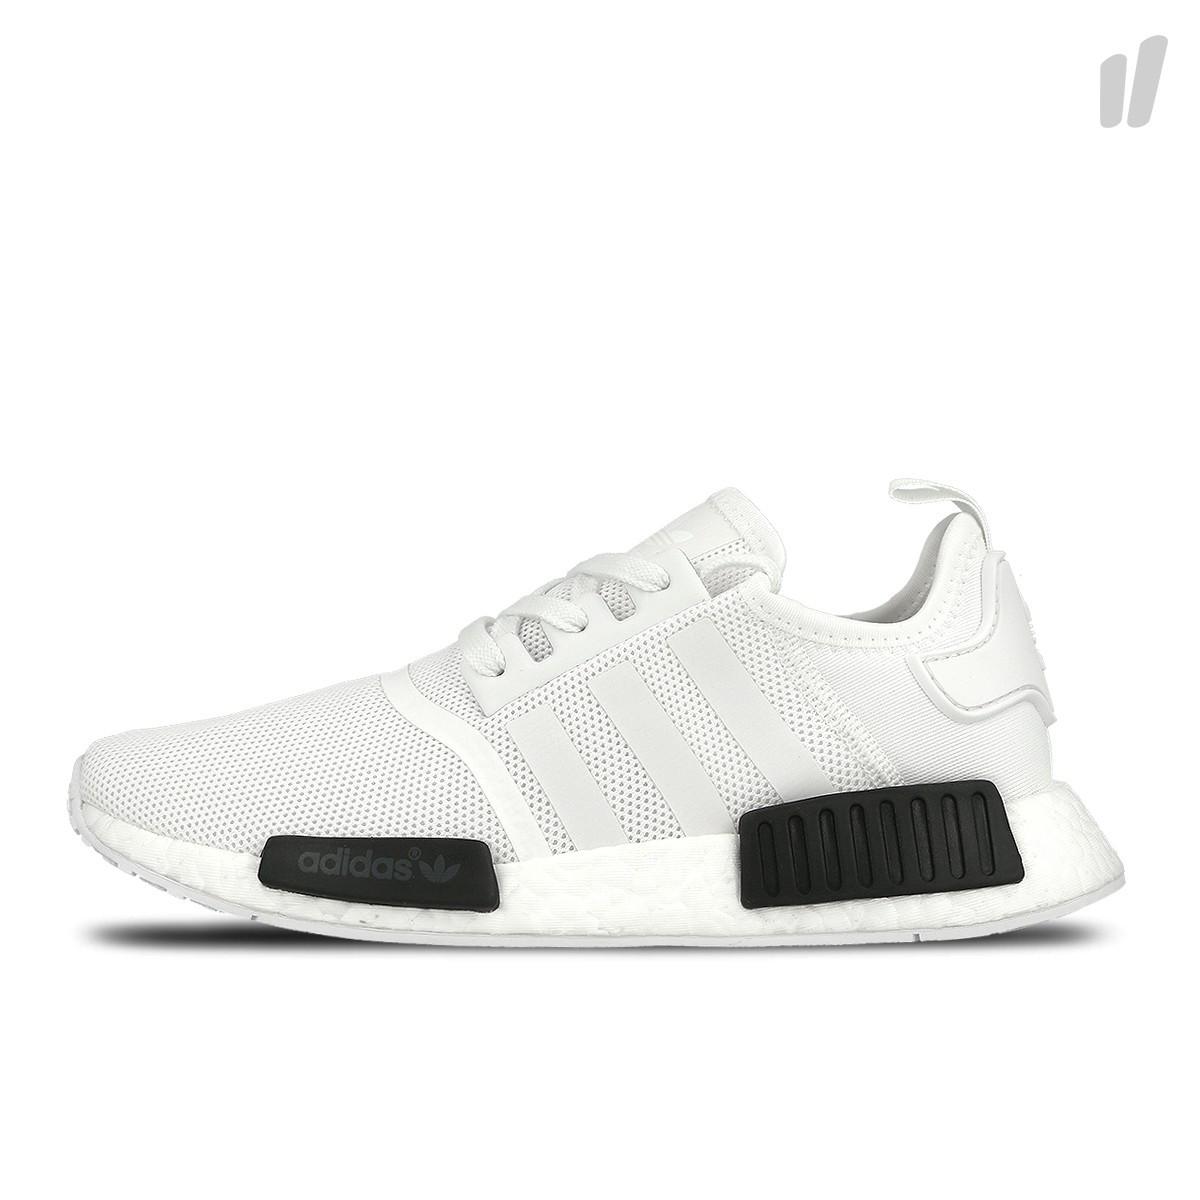 Мужские кроссовки Adidas NMD R1 Oreo White/Core Black